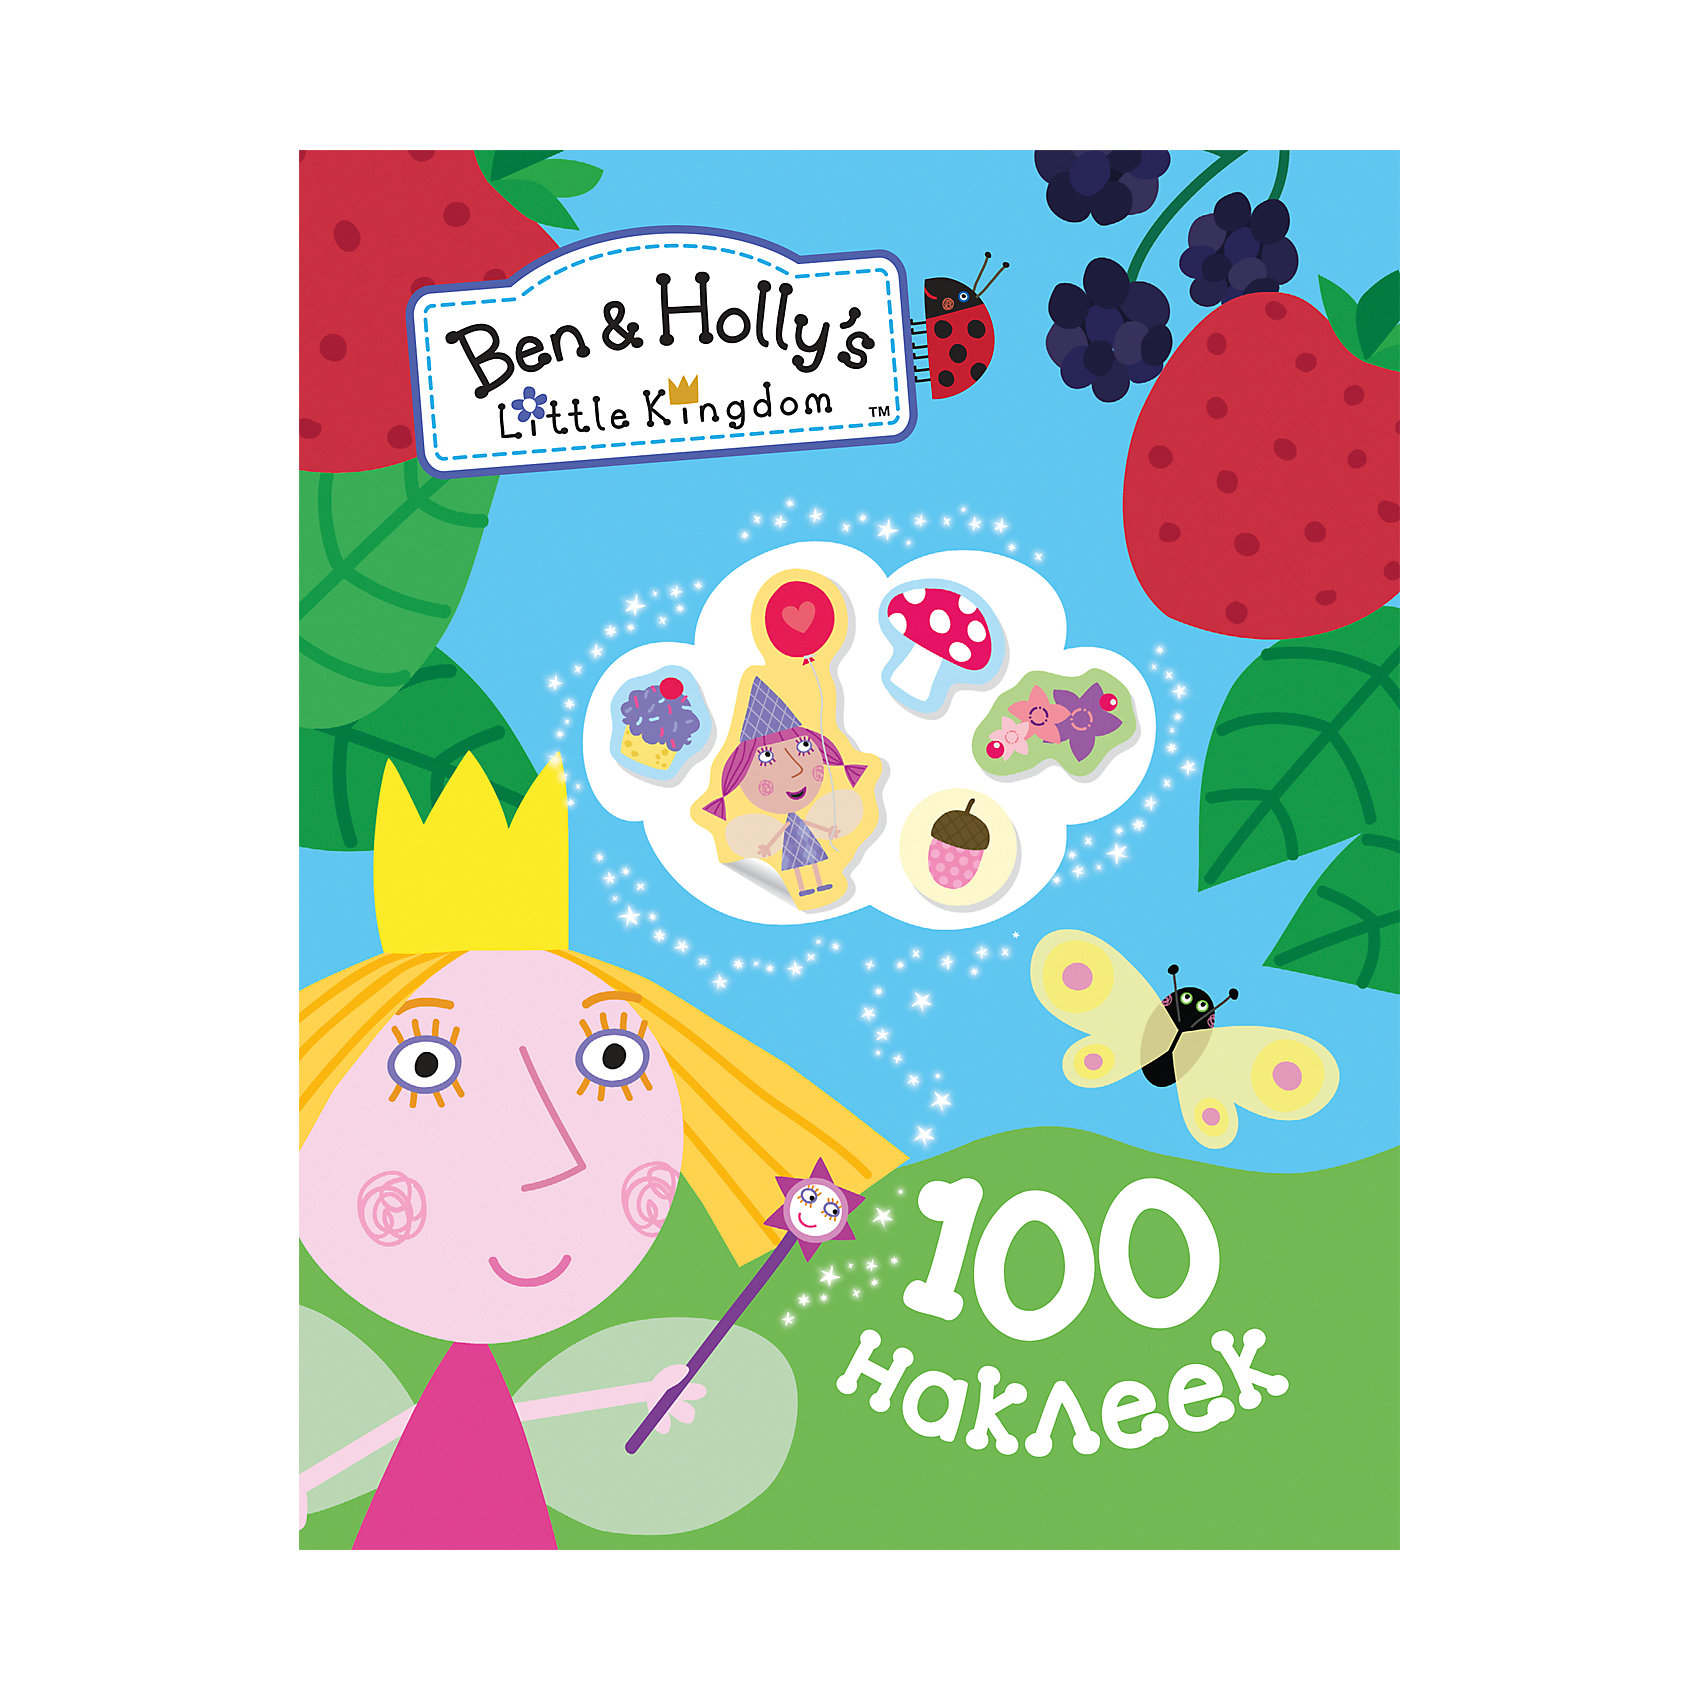 100 наклеек, Бен и ХоллиБен и Холли<br>Добро пожаловать в веселую компанию Бена, Холли и их друзей! Коллекция наклеек с любимыми героями мультика Маленькое королевстсво Бена и Холли - это целых 100 ярких наклеек, которыми можно украсить комнату, тетради и игрушки!<br><br>Ширина мм: 201<br>Глубина мм: 153<br>Высота мм: 20<br>Вес г: 32<br>Возраст от месяцев: -2147483648<br>Возраст до месяцев: 2147483647<br>Пол: Унисекс<br>Возраст: Детский<br>SKU: 5453527